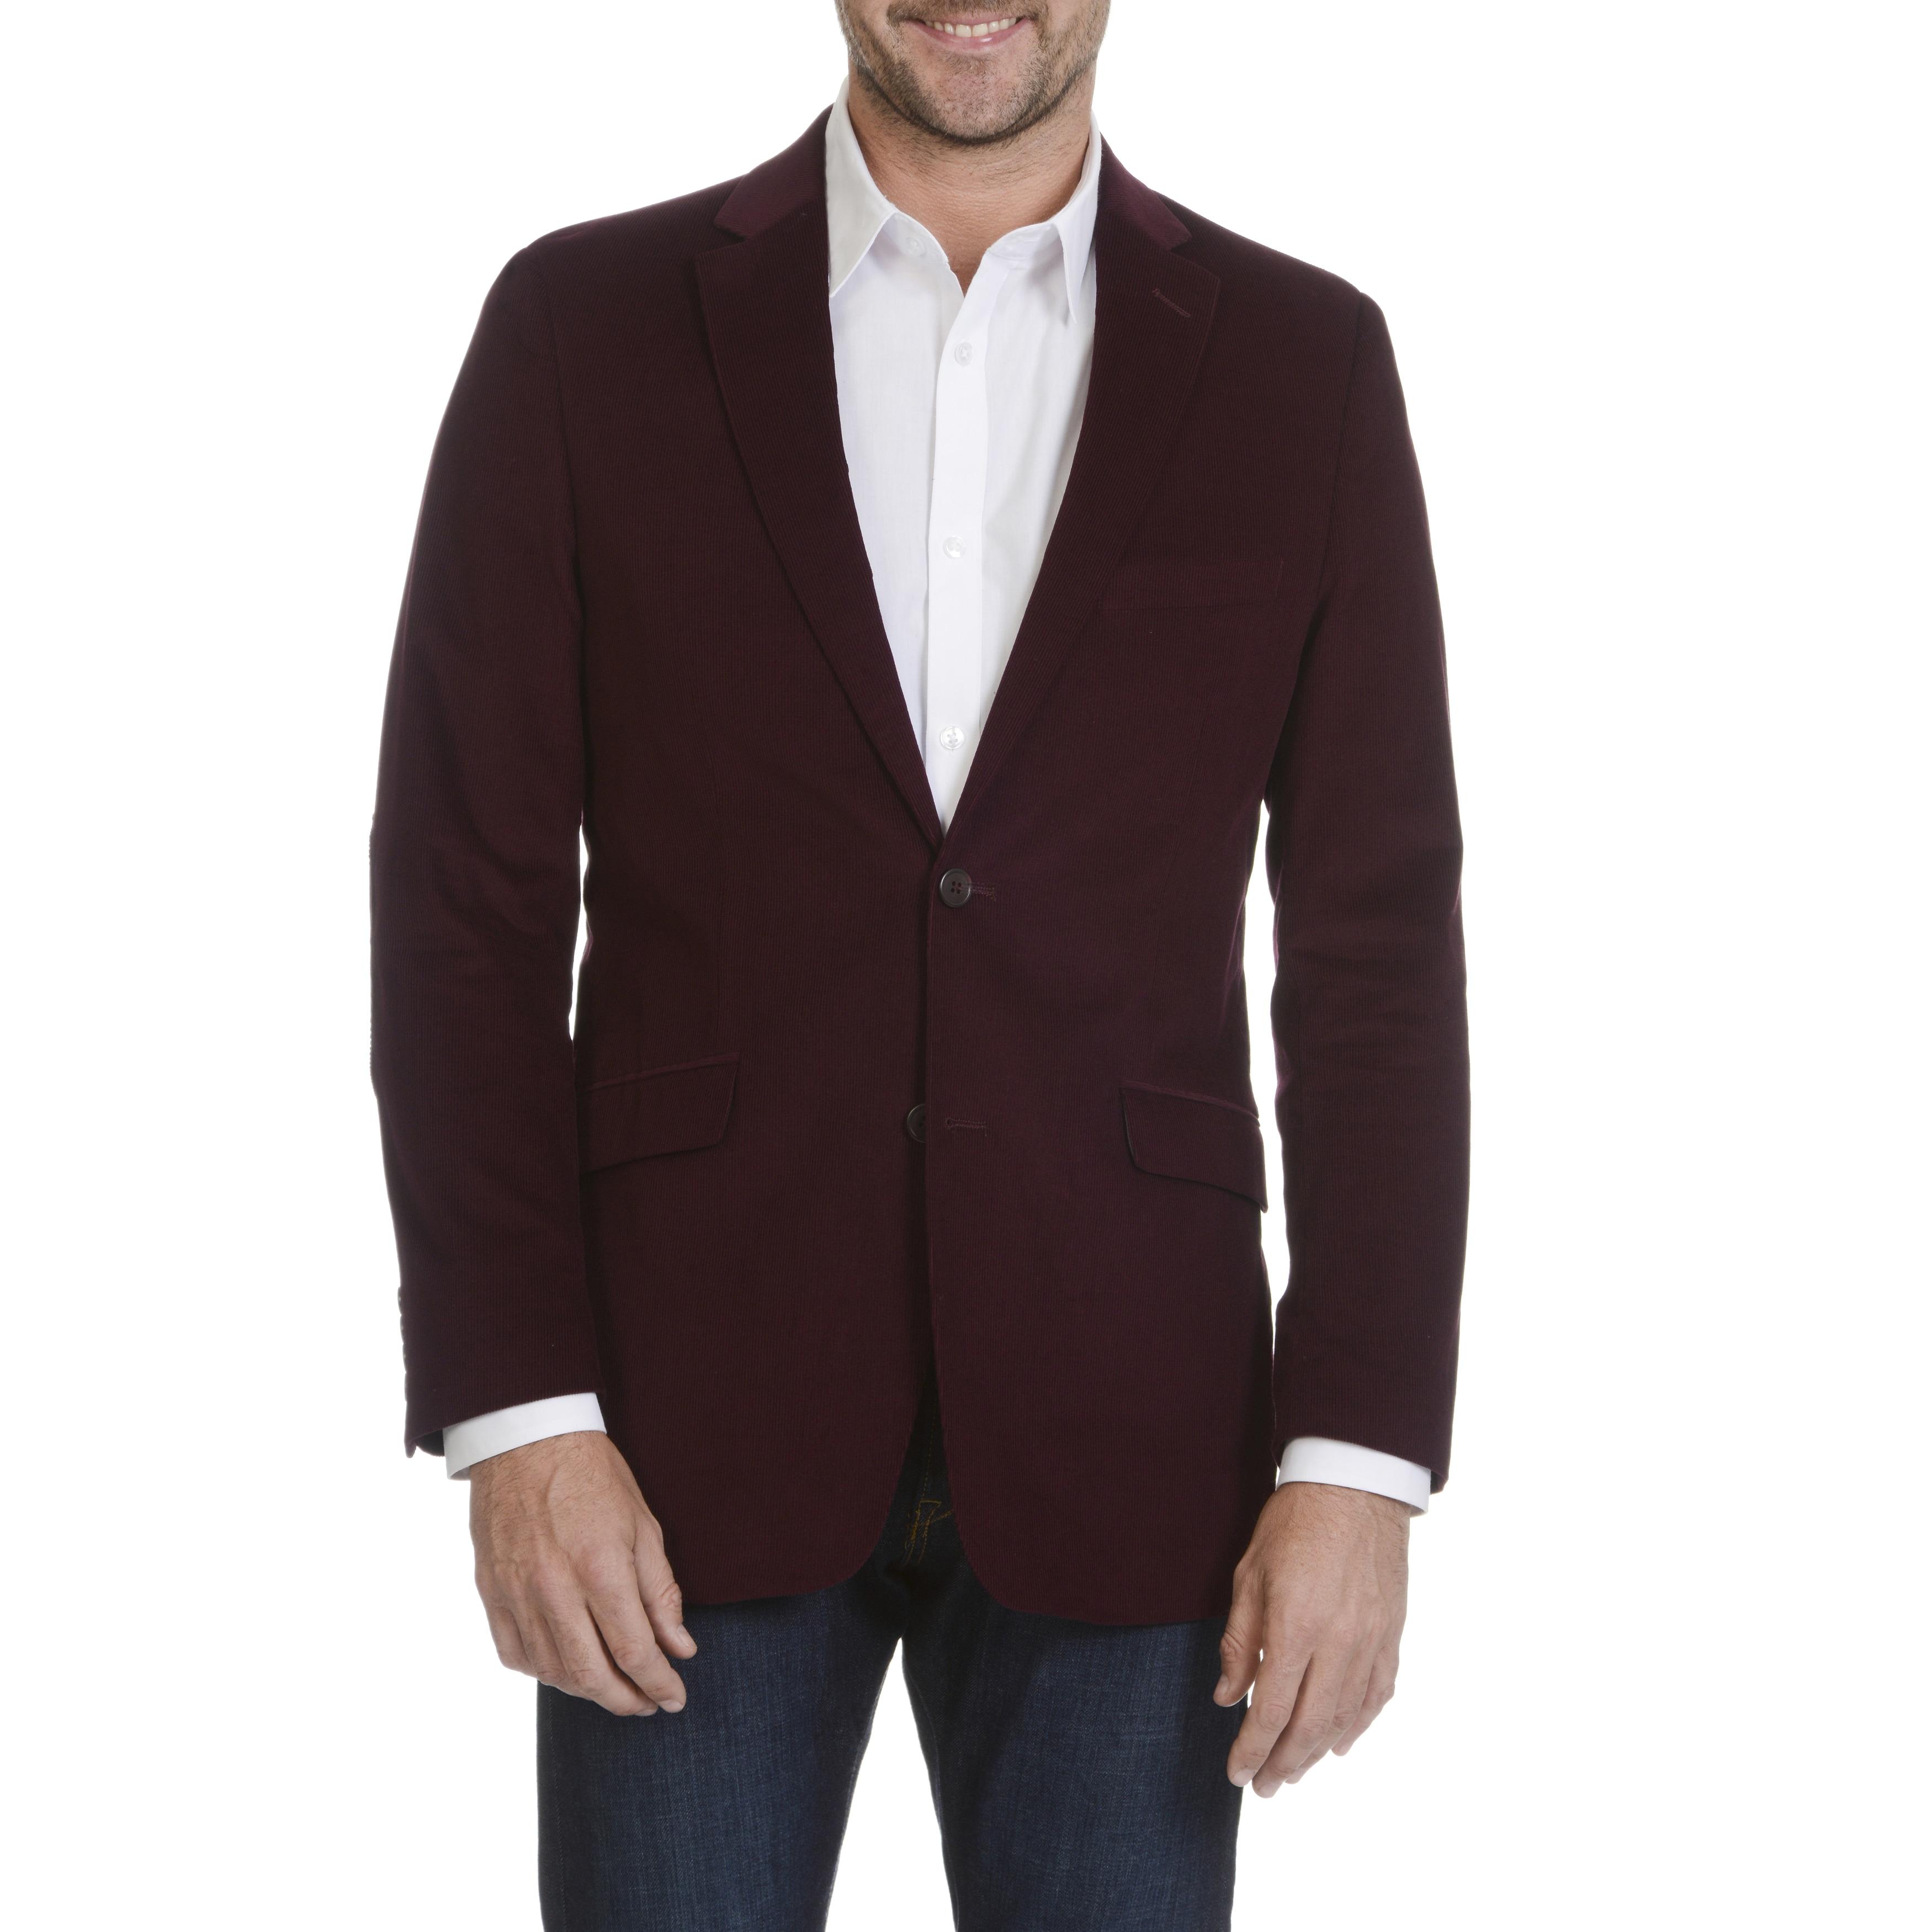 Circola Moda Men's Burgundy Cotton and Polyester Corduroy...